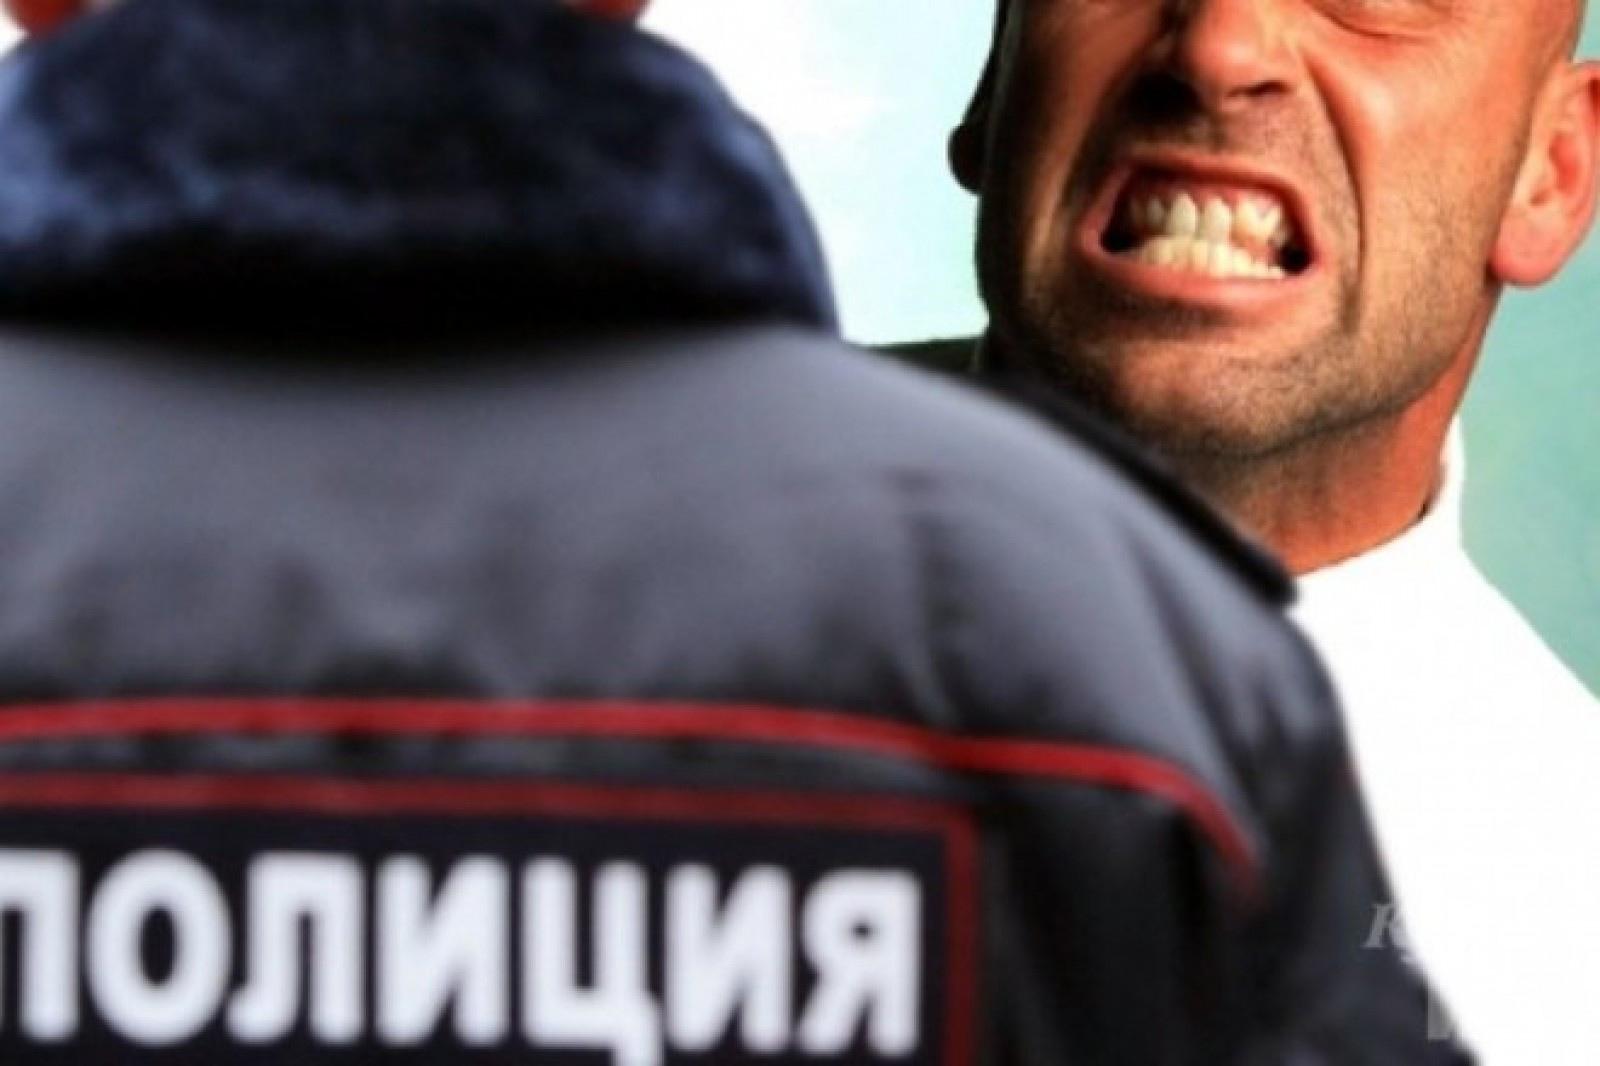 Можгинец отправится в тюрьму за применение насилия